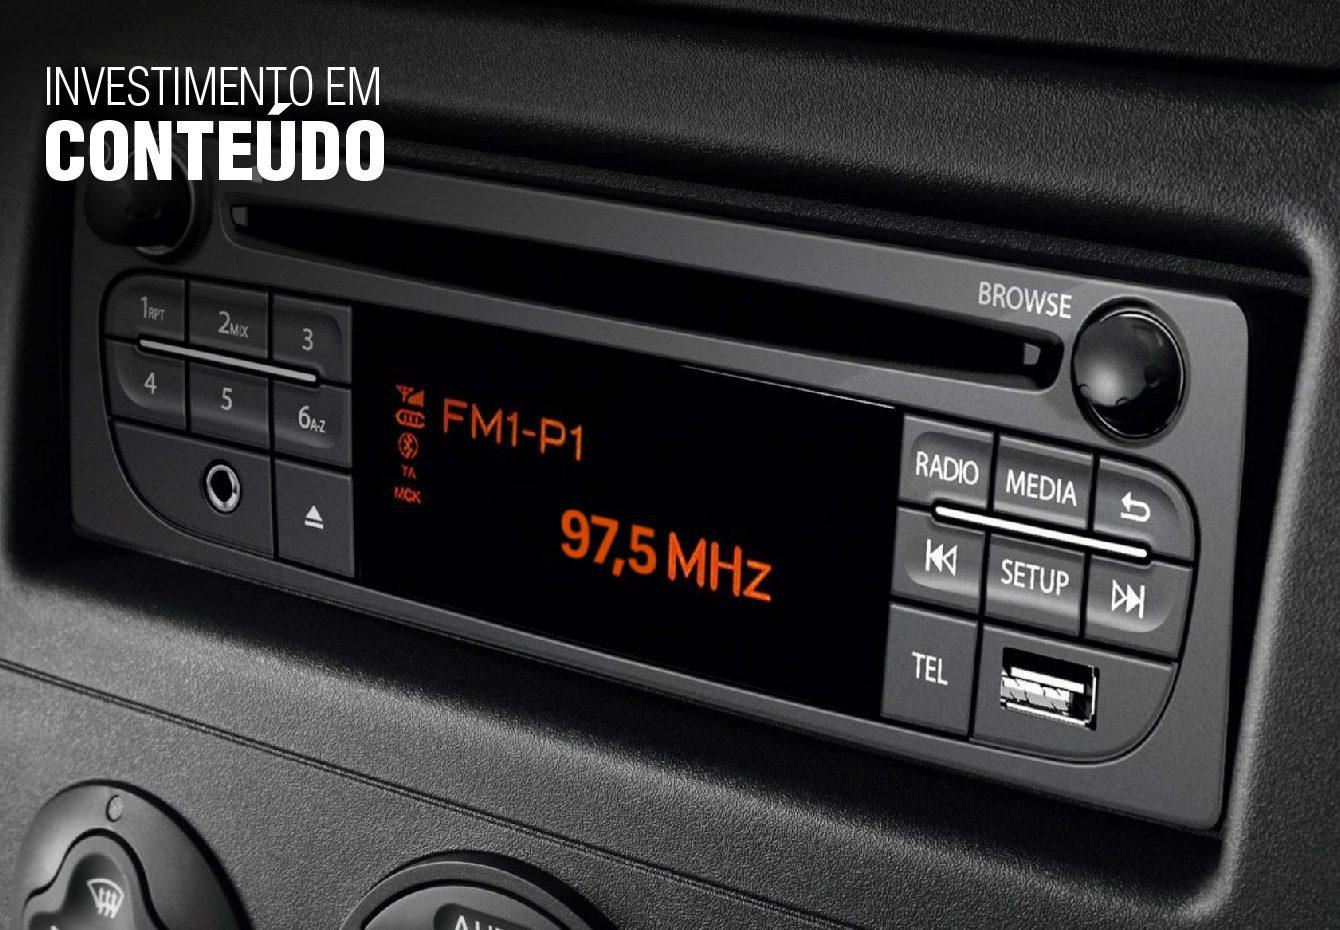 Rádio carioca investe em conteúdo e multiplataforma - BG Comunicação e Marketing